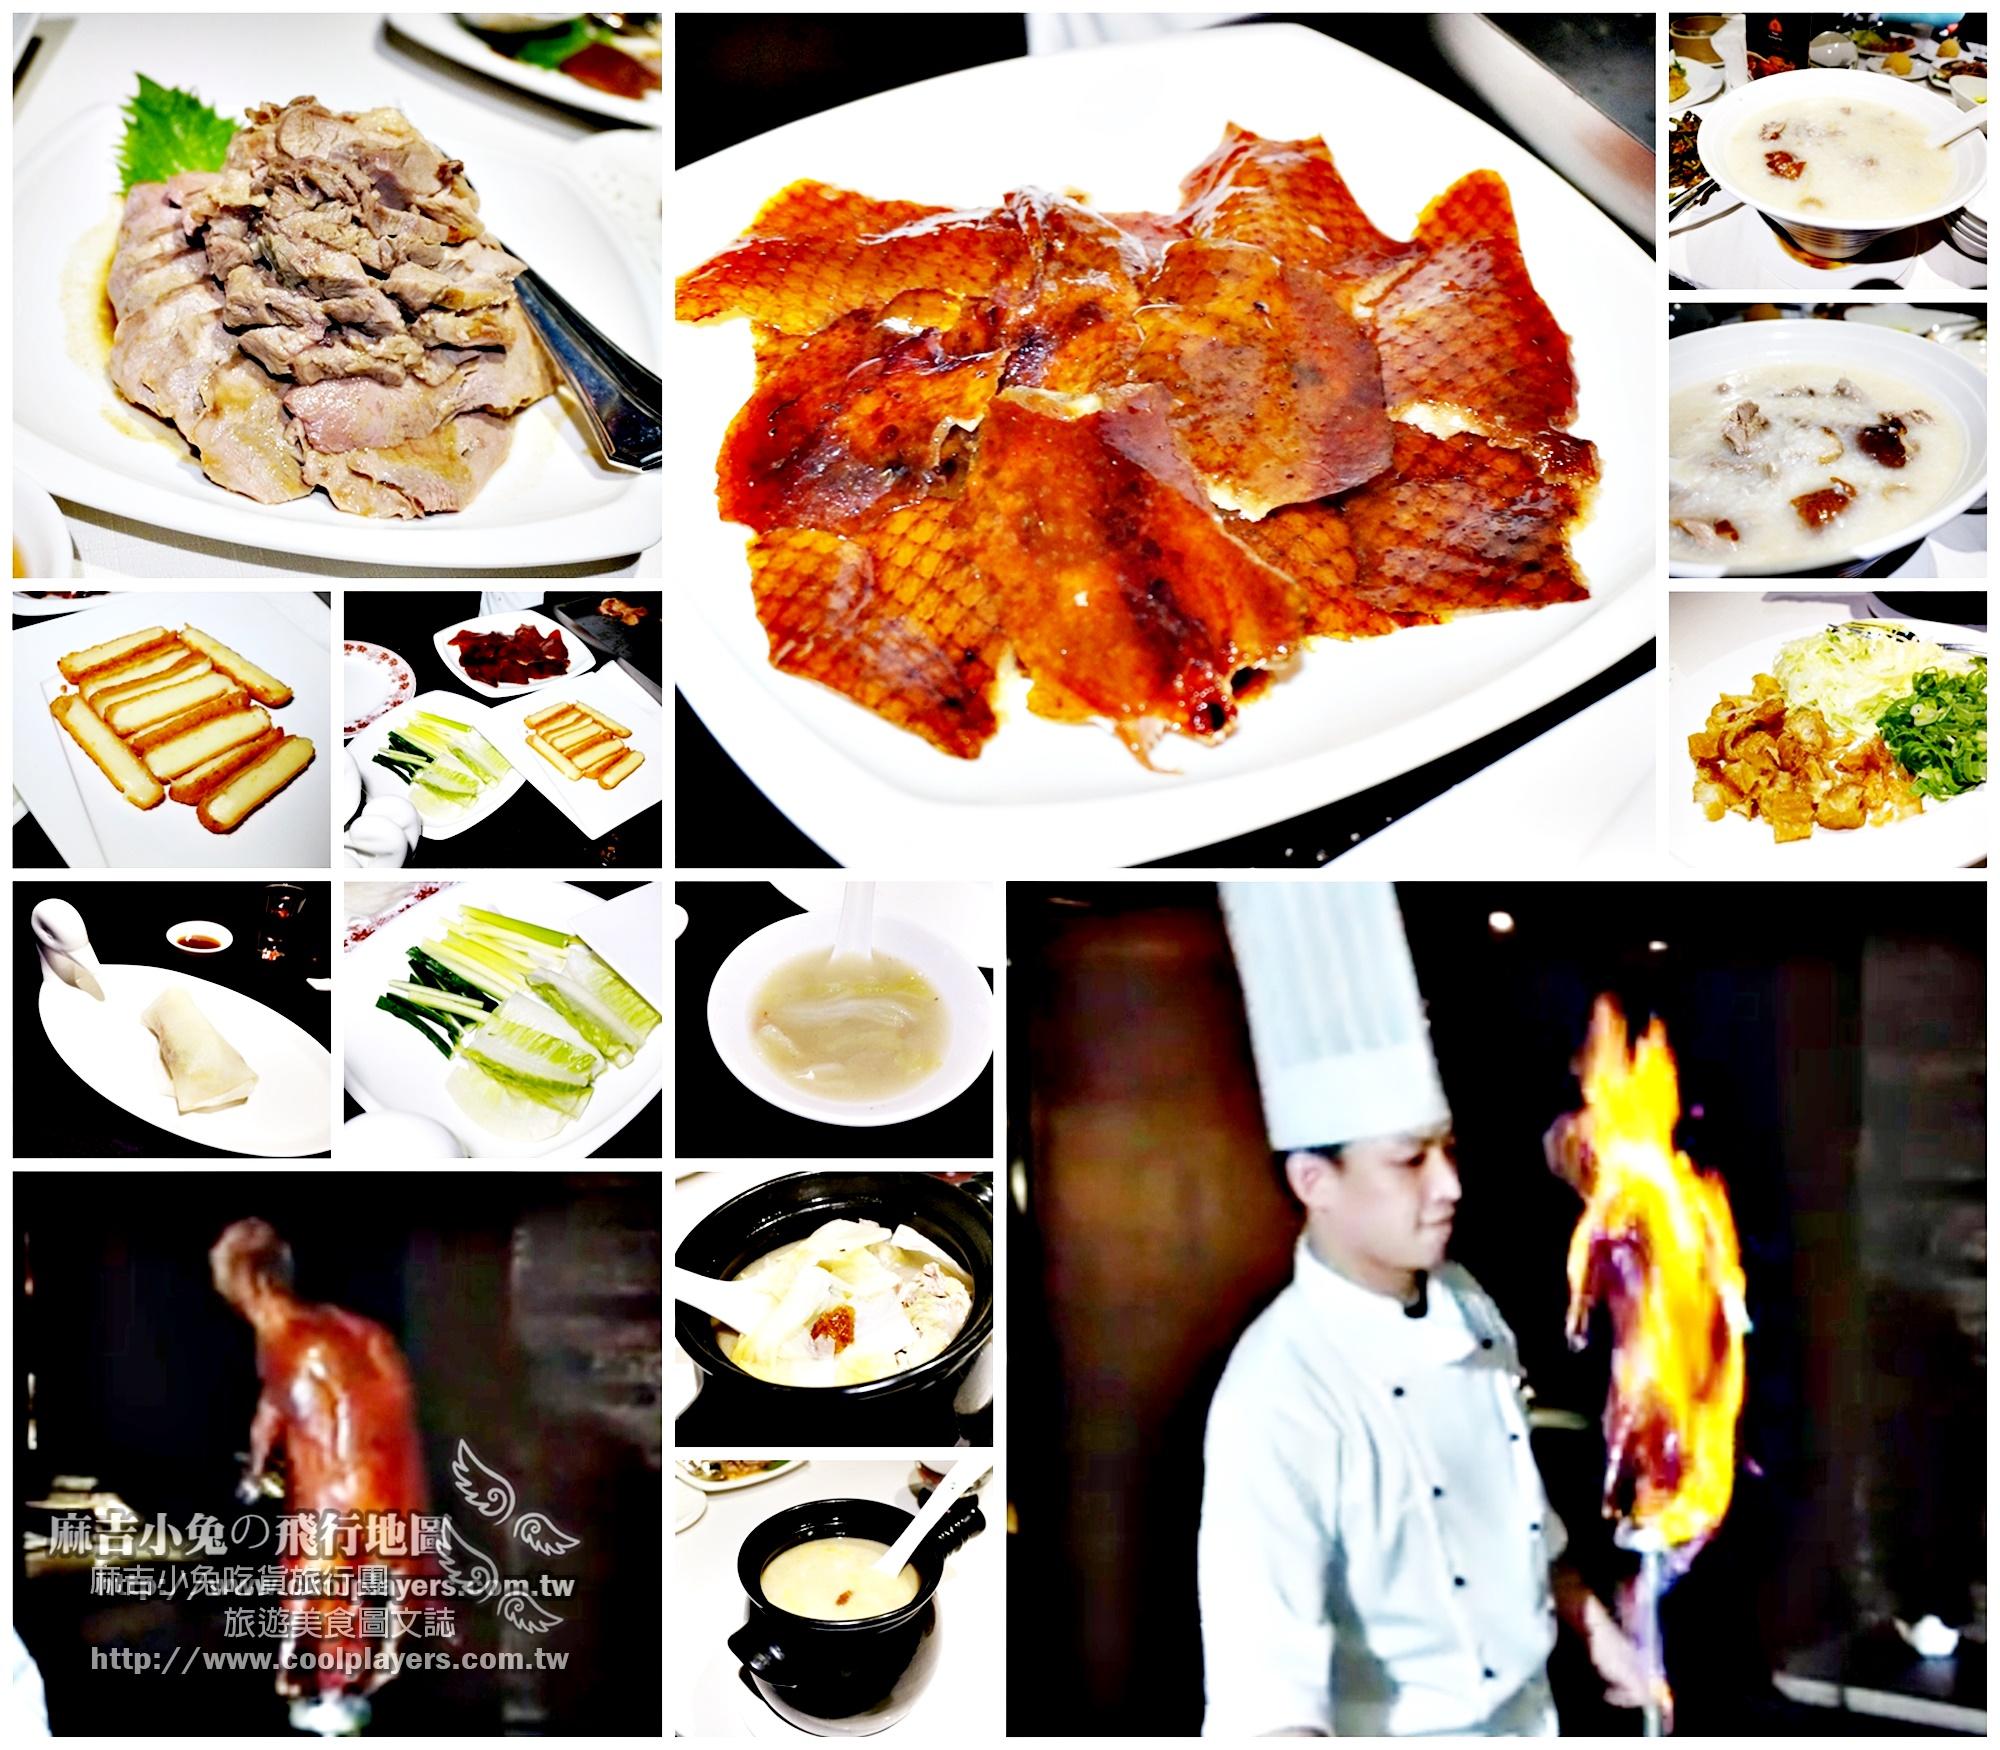 分享:上海世博之插隊十招 @麻吉小兔吃貨旅行團